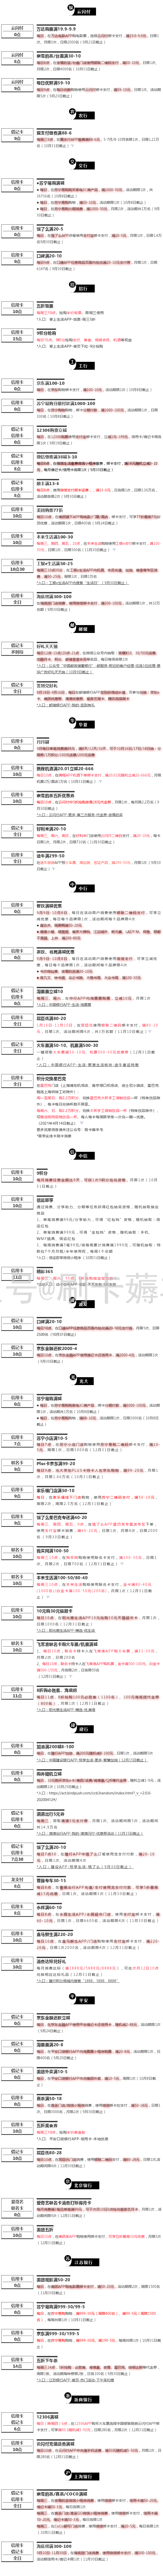 周三(9.16)刷什么(图片版)-惠小助(52huixz.com)